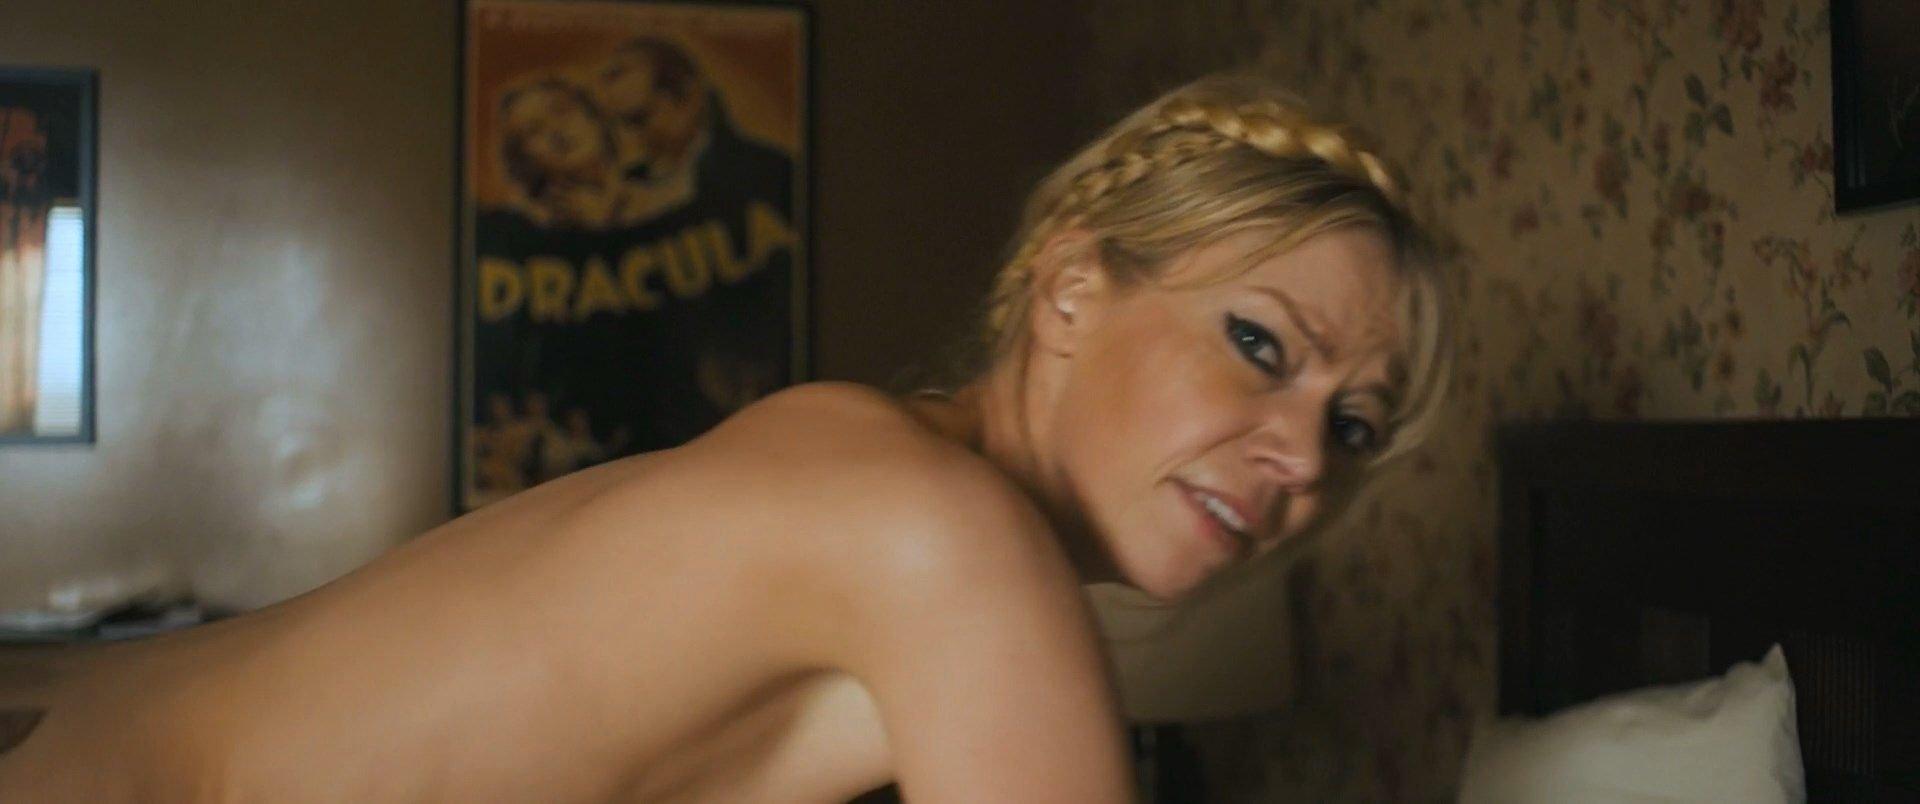 Sexy girls gunged naked